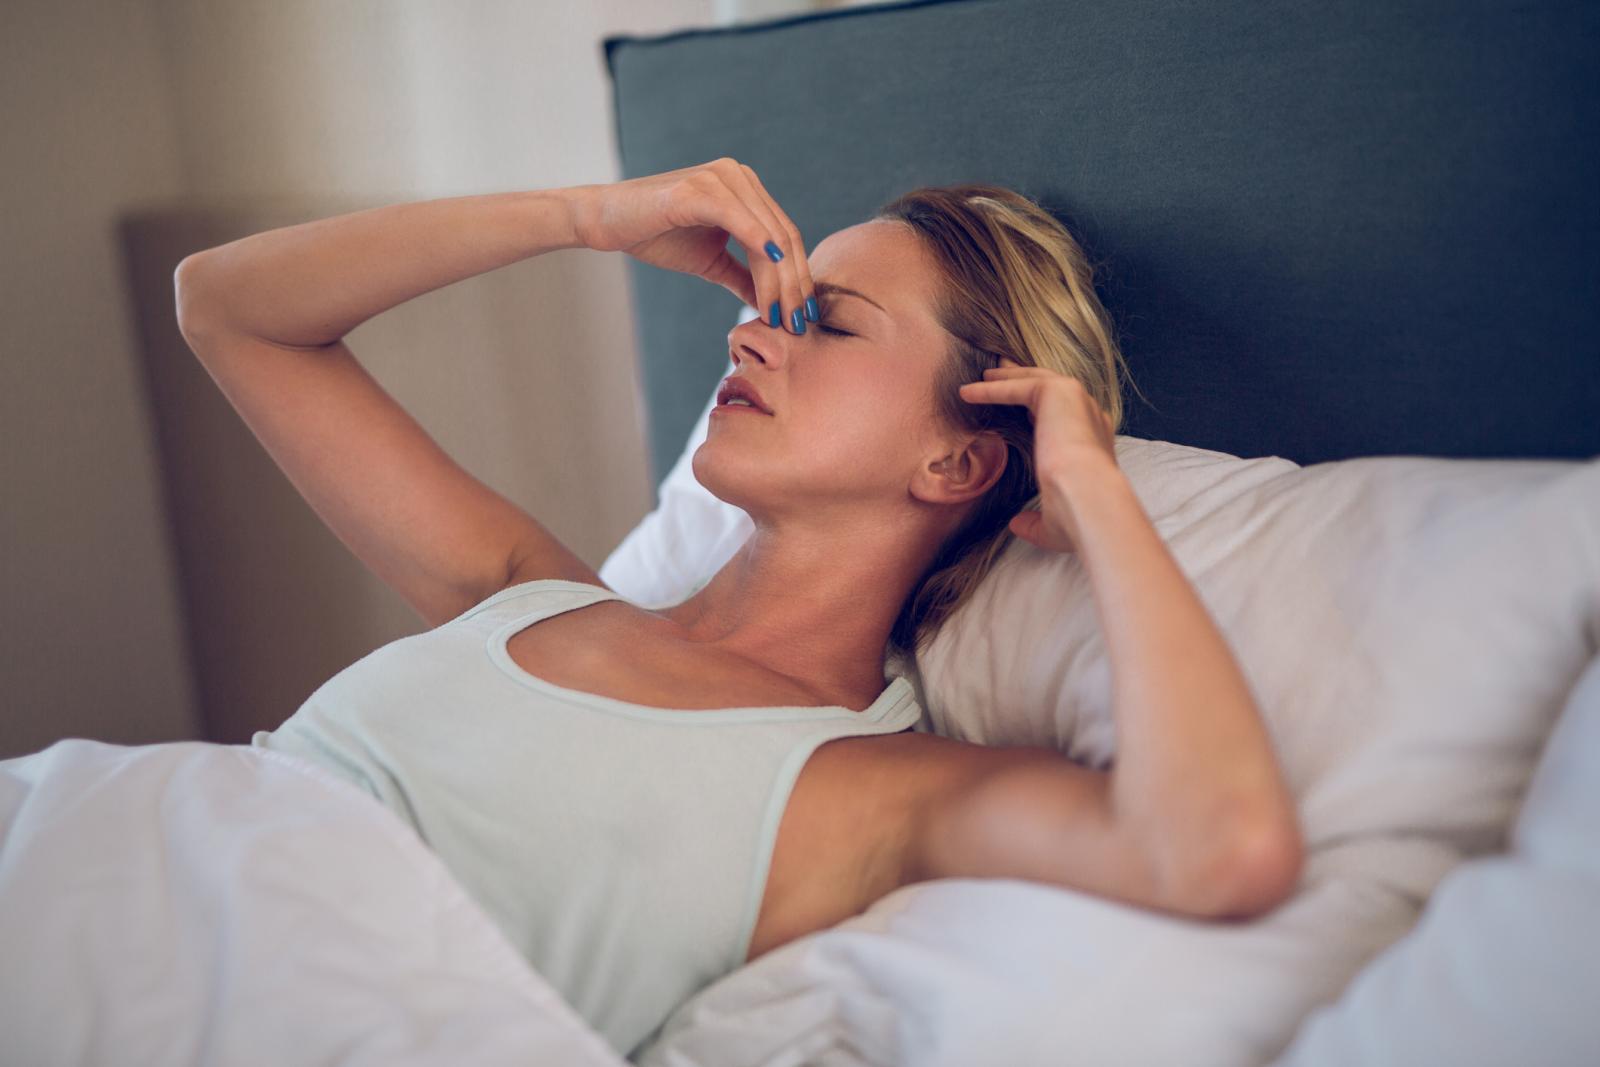 Najvažnije je da gripu naučimo razlikovati od prehlade i da je preležimo, jer u protivnom strah od nje postaje opravdan.